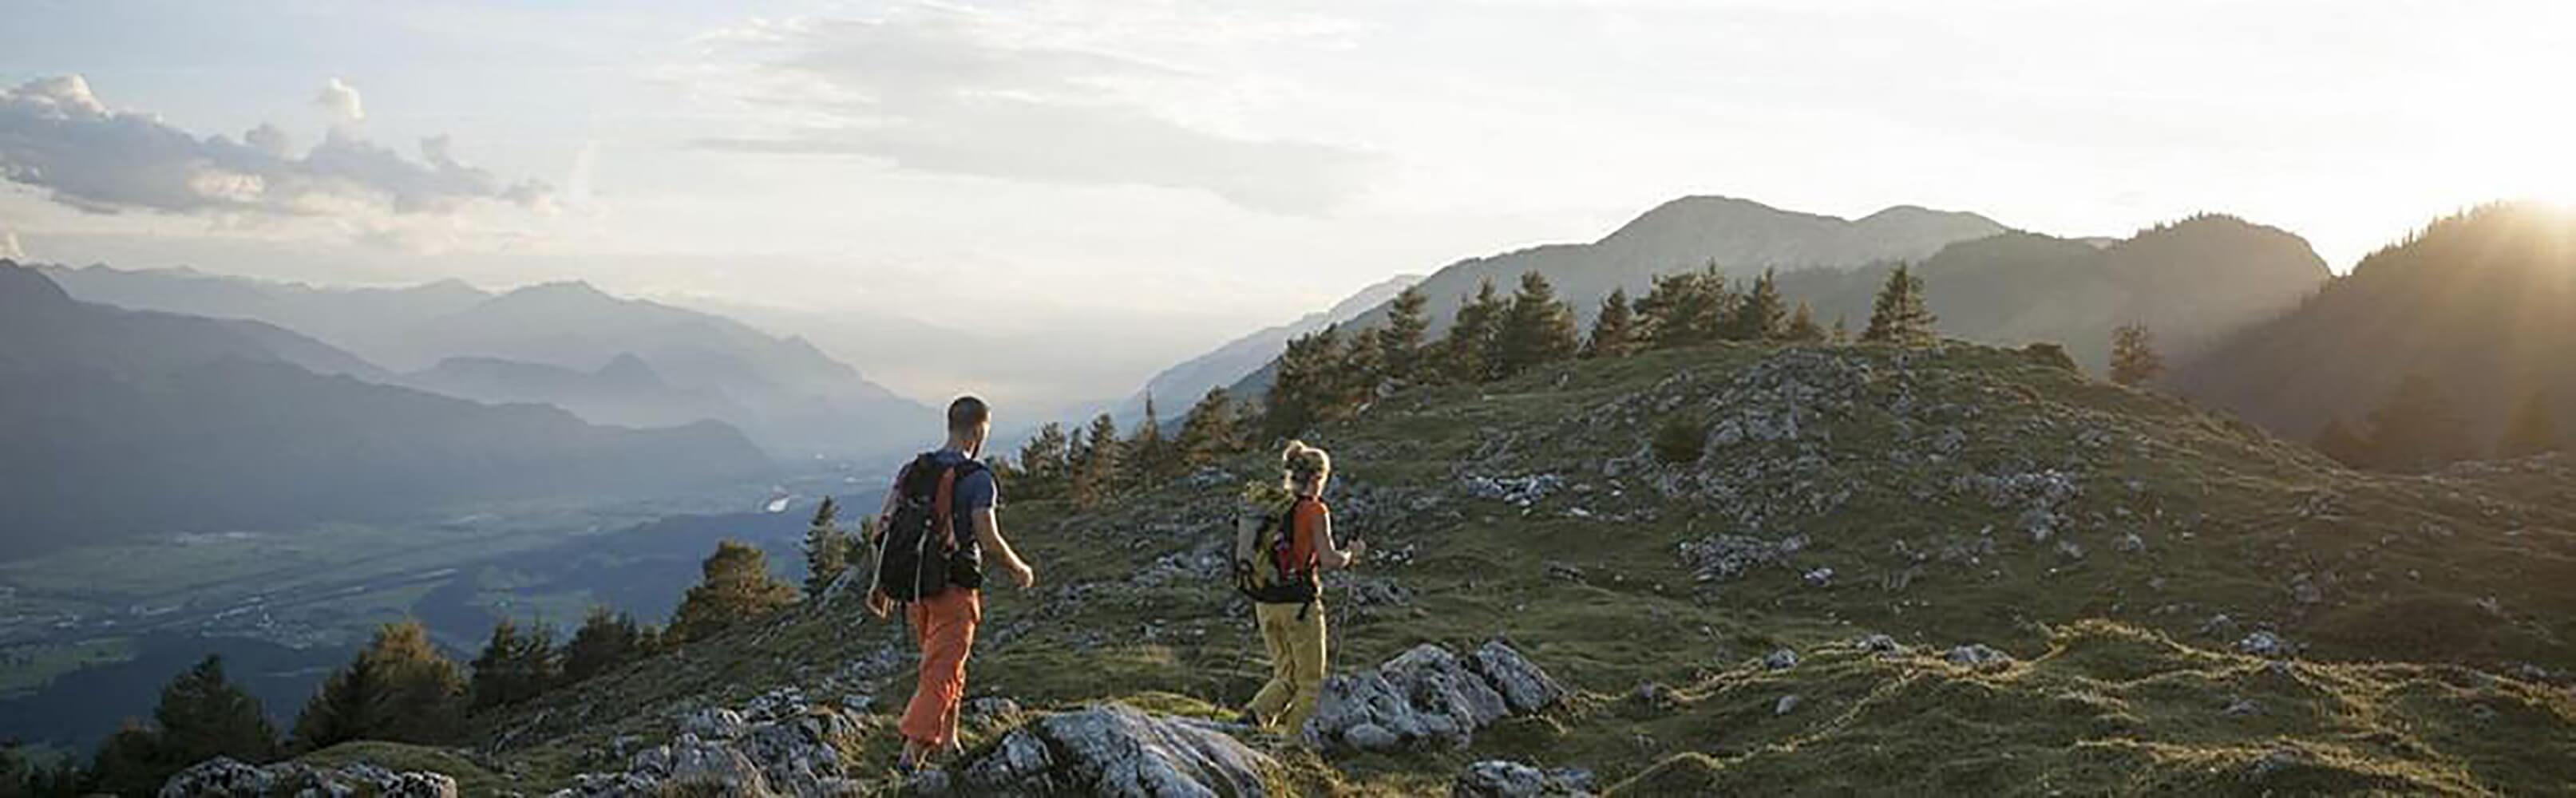 Tirol - Der Weg ist das Ziel 1